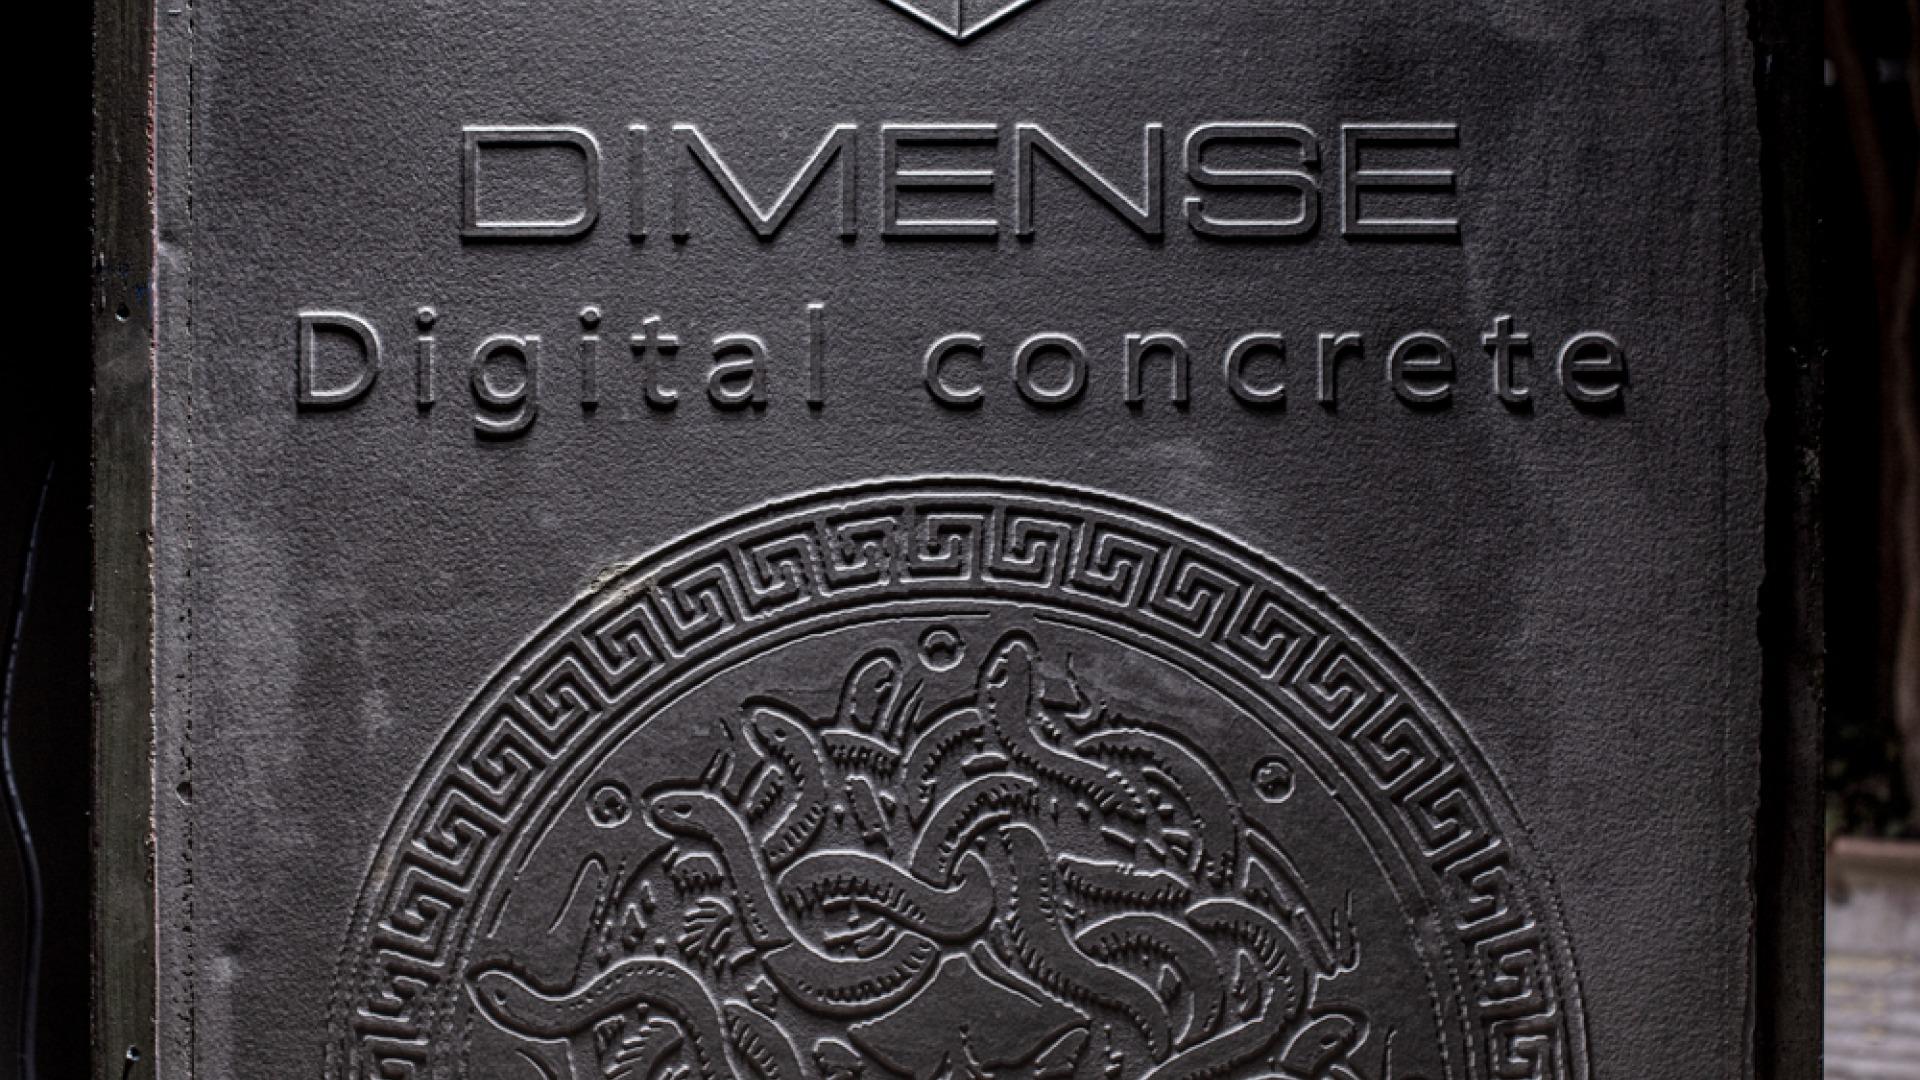 dimense_concrete-10_1596191239-b2955b13700612bdb9ea9acbdc568d97.jpg